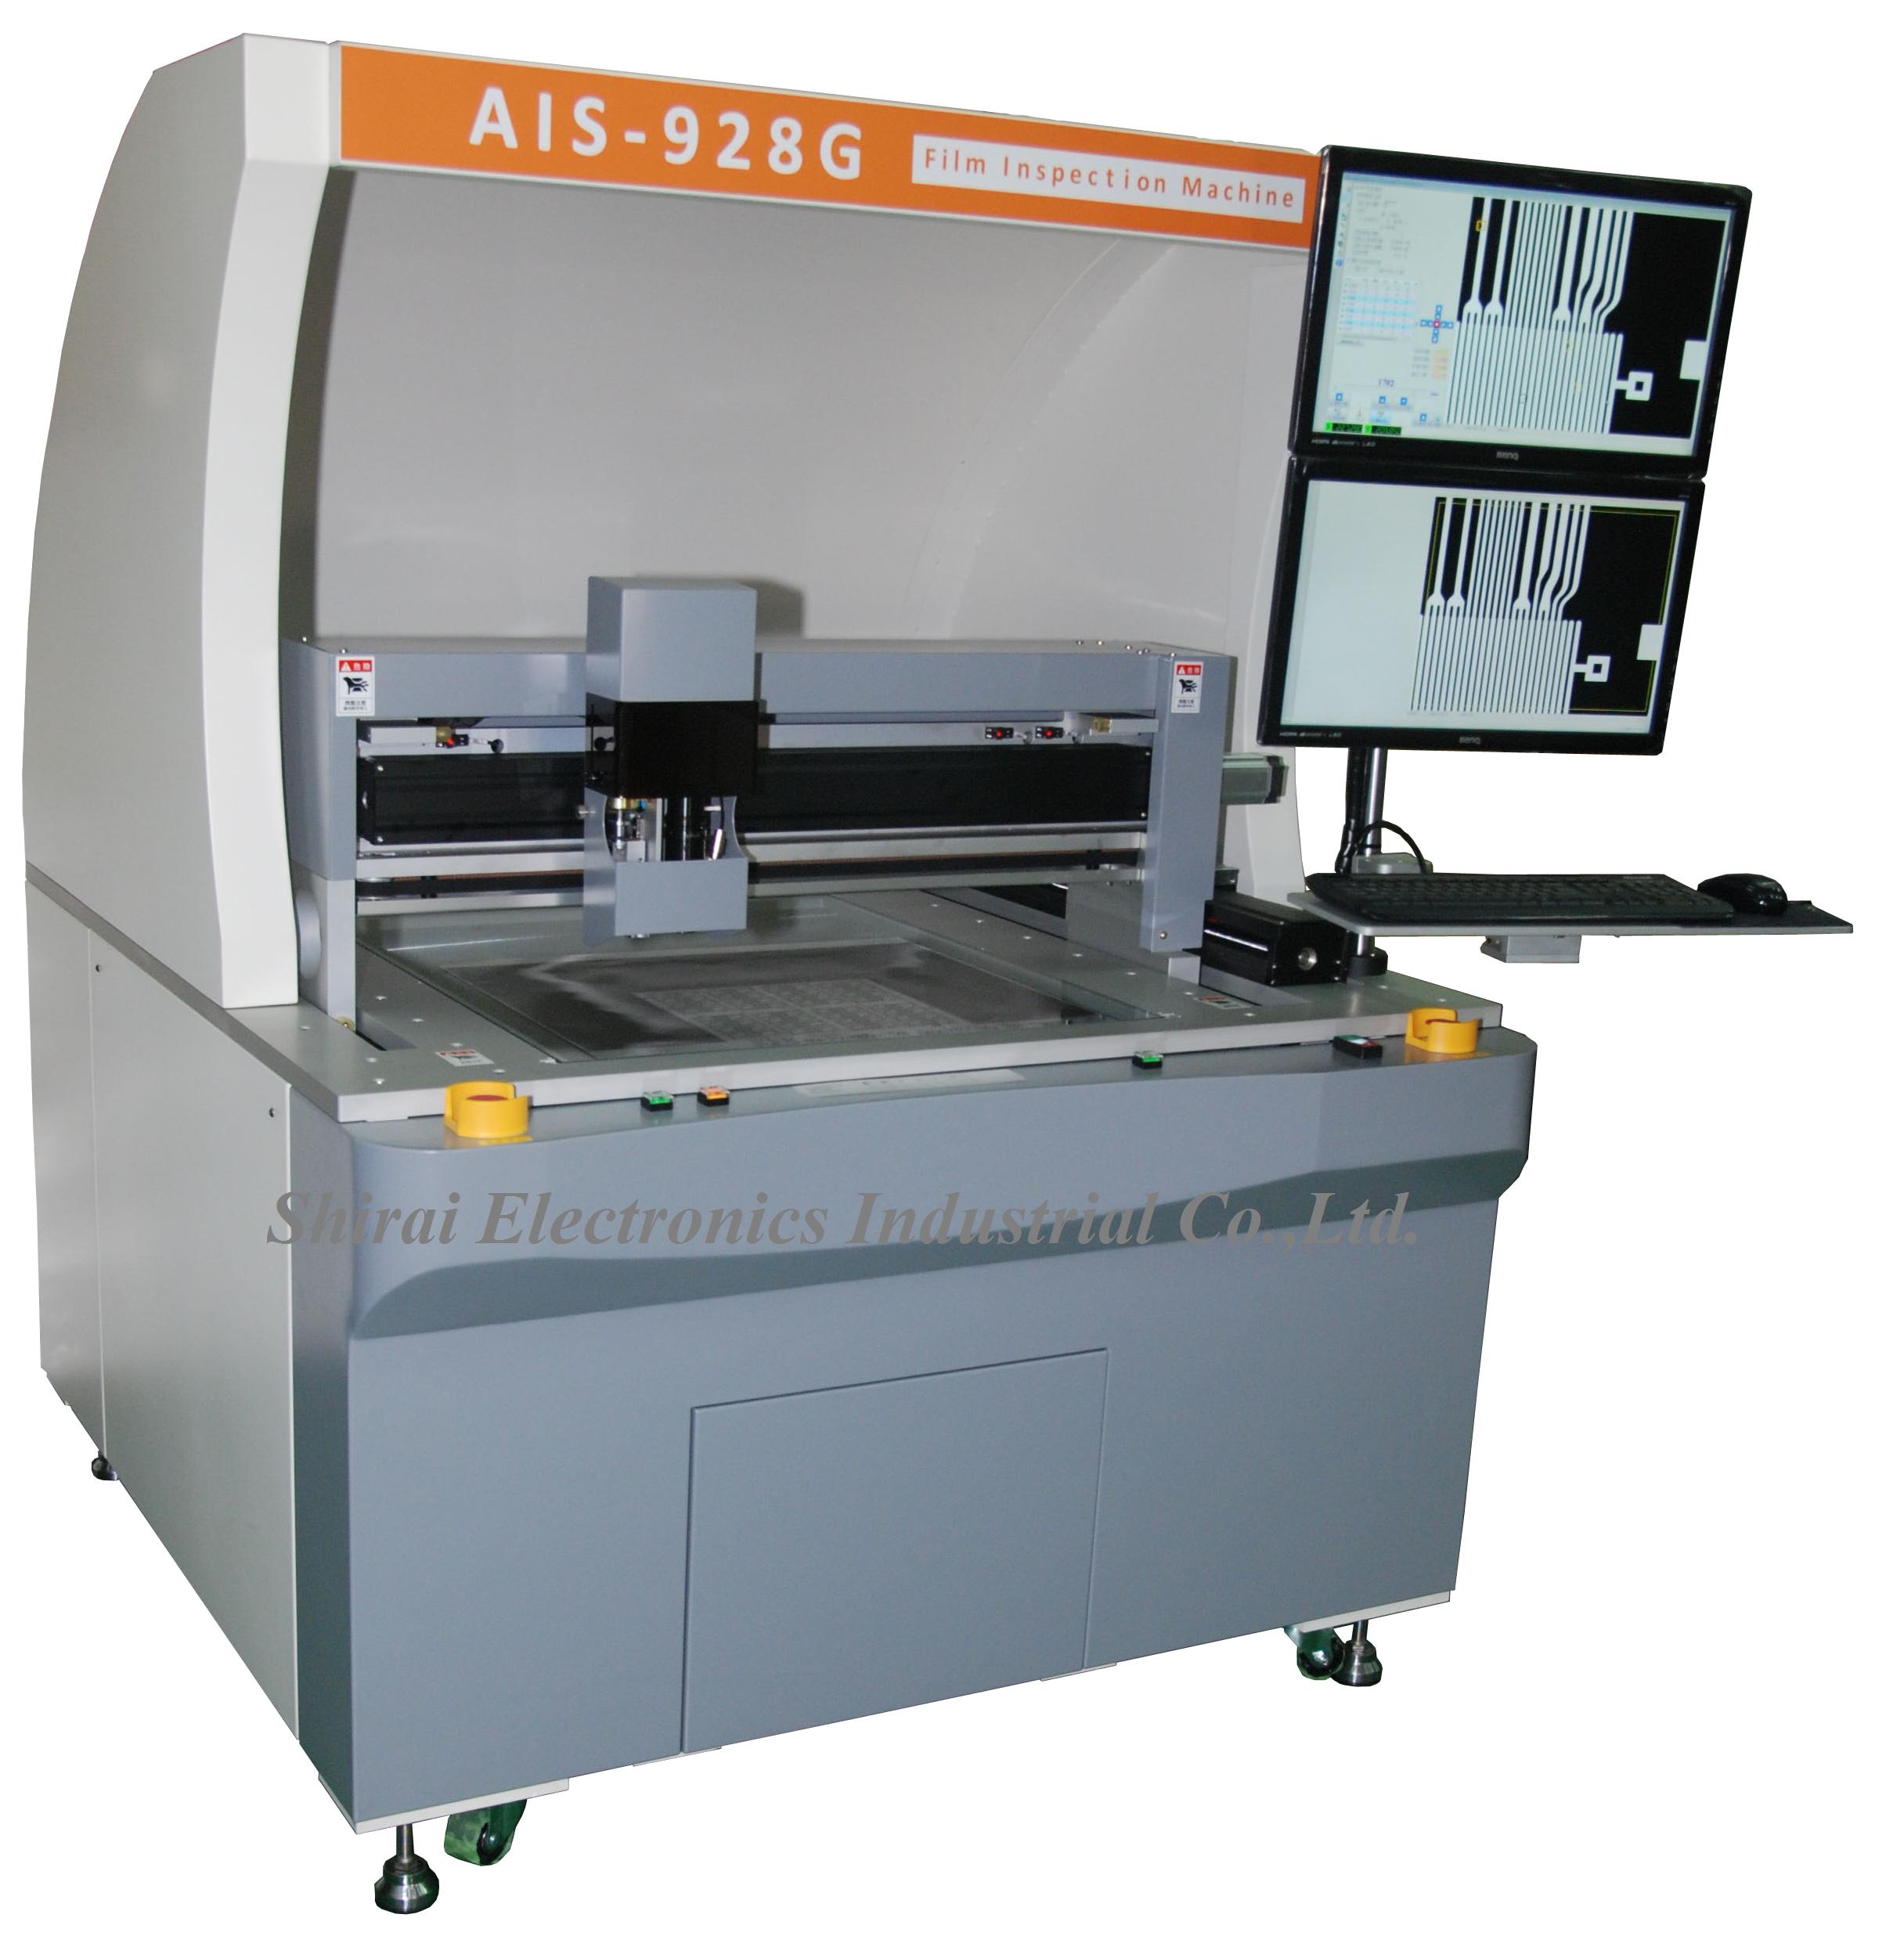 AIS-928G-002.png